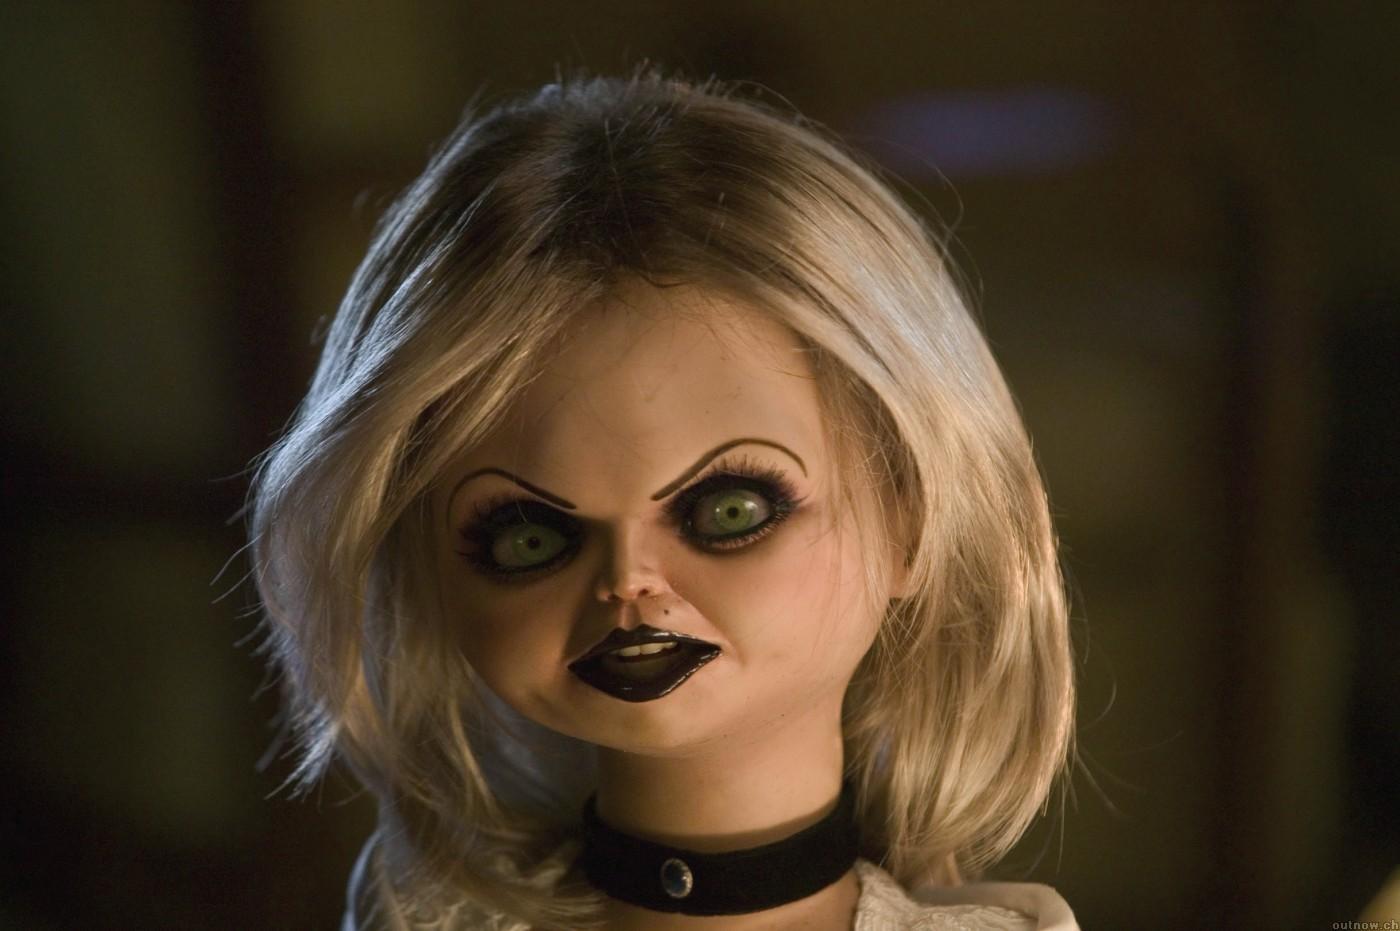 Tiffany Chucky Bride